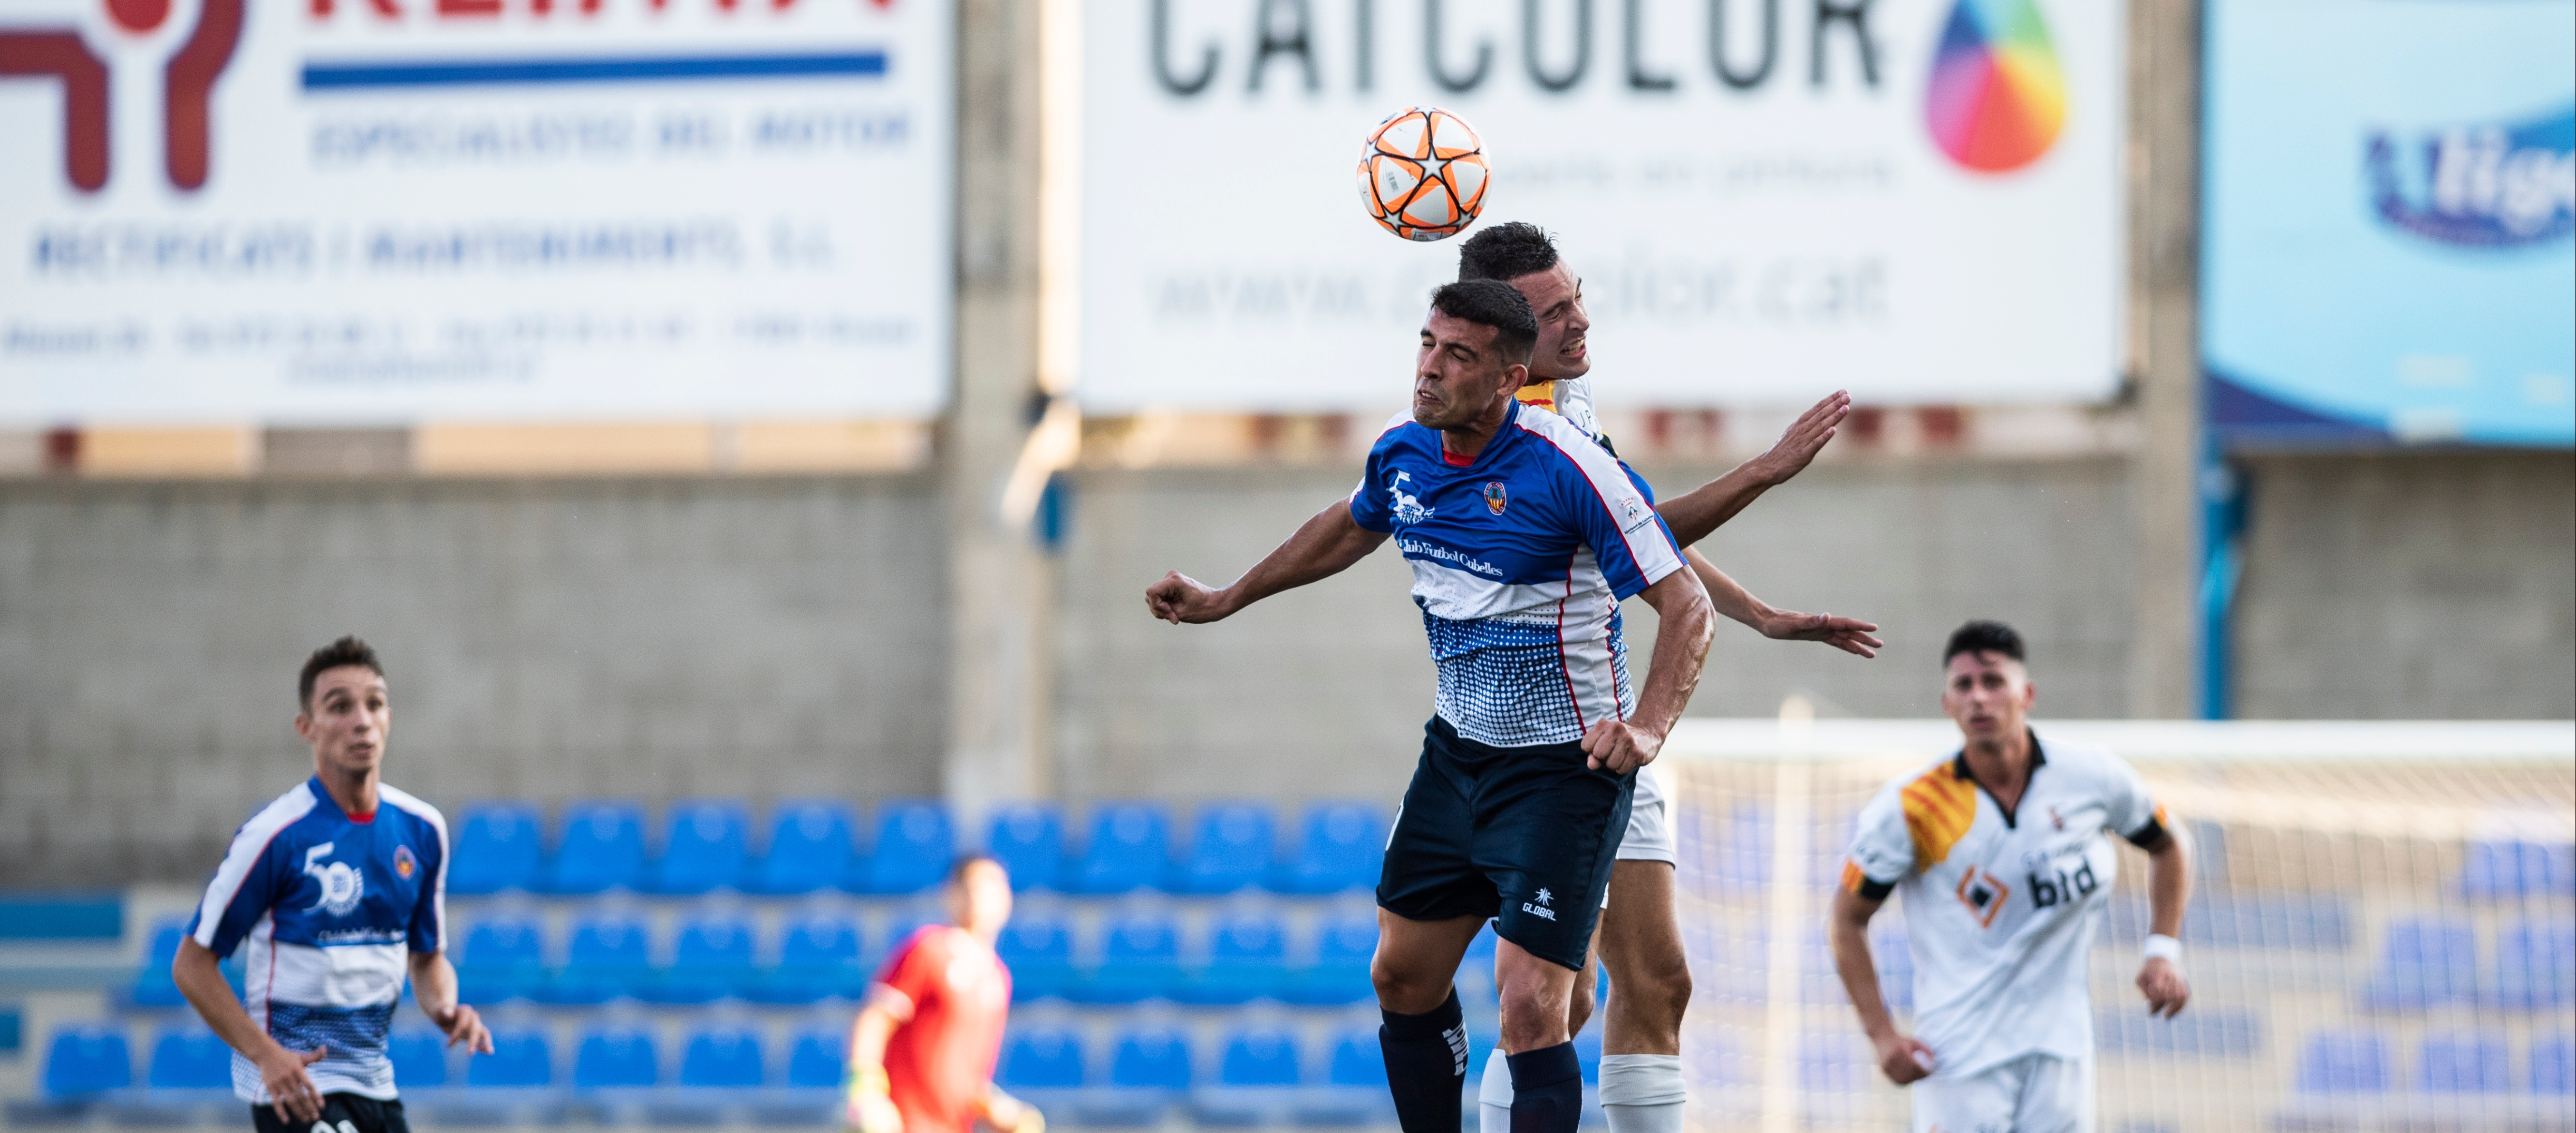 La nueva alineación de futbolistas para los clubes con equipos dependientes